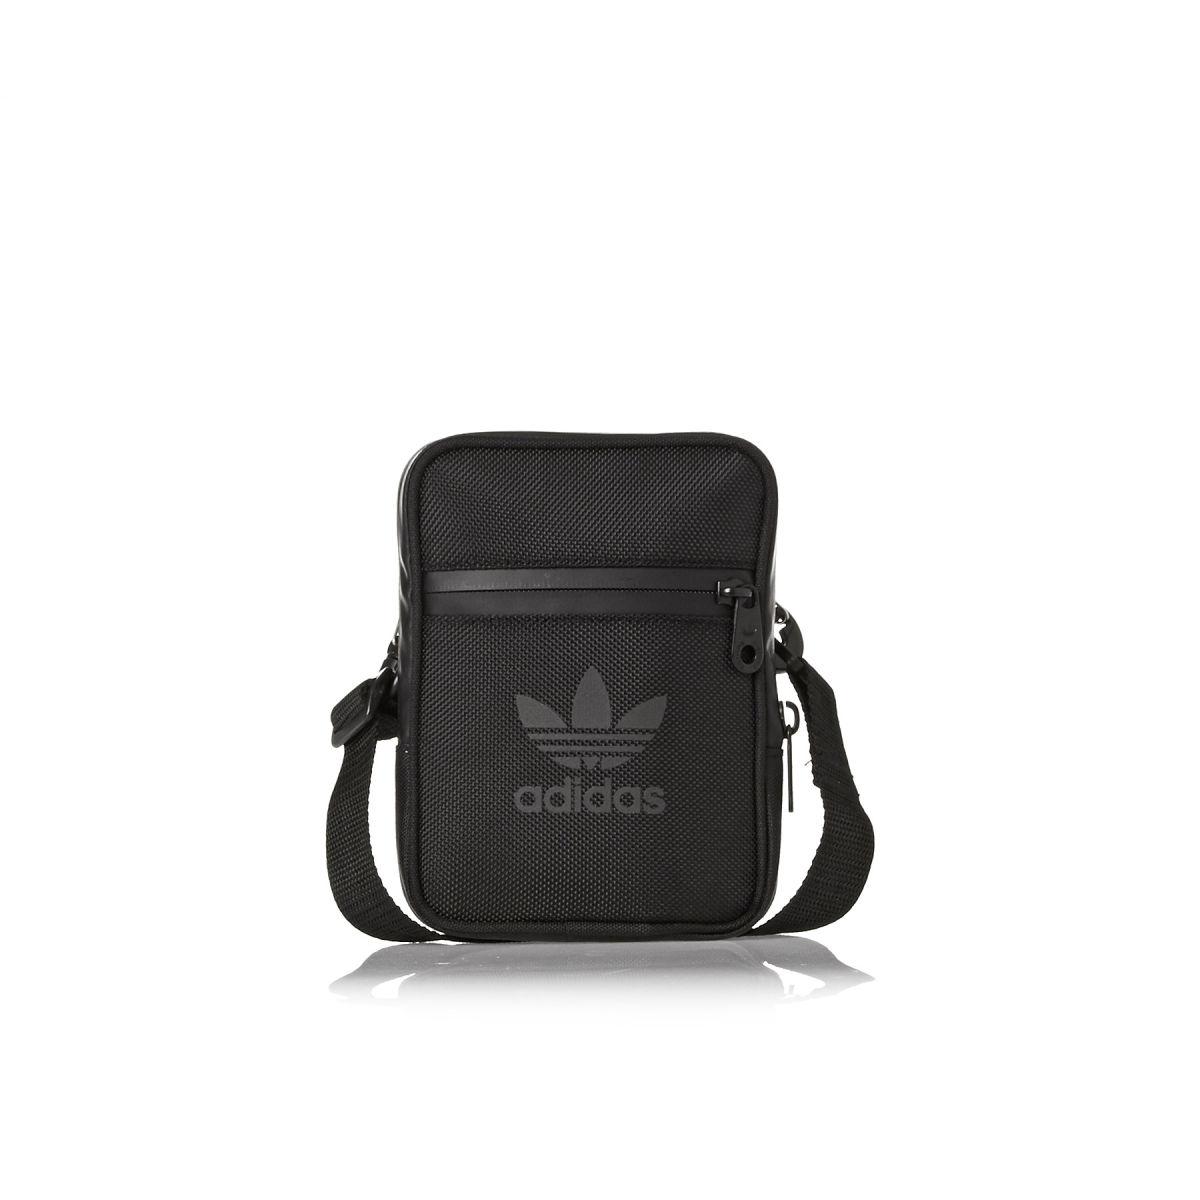 adidas-originals-bags-adidas-originals-festival-bag-black